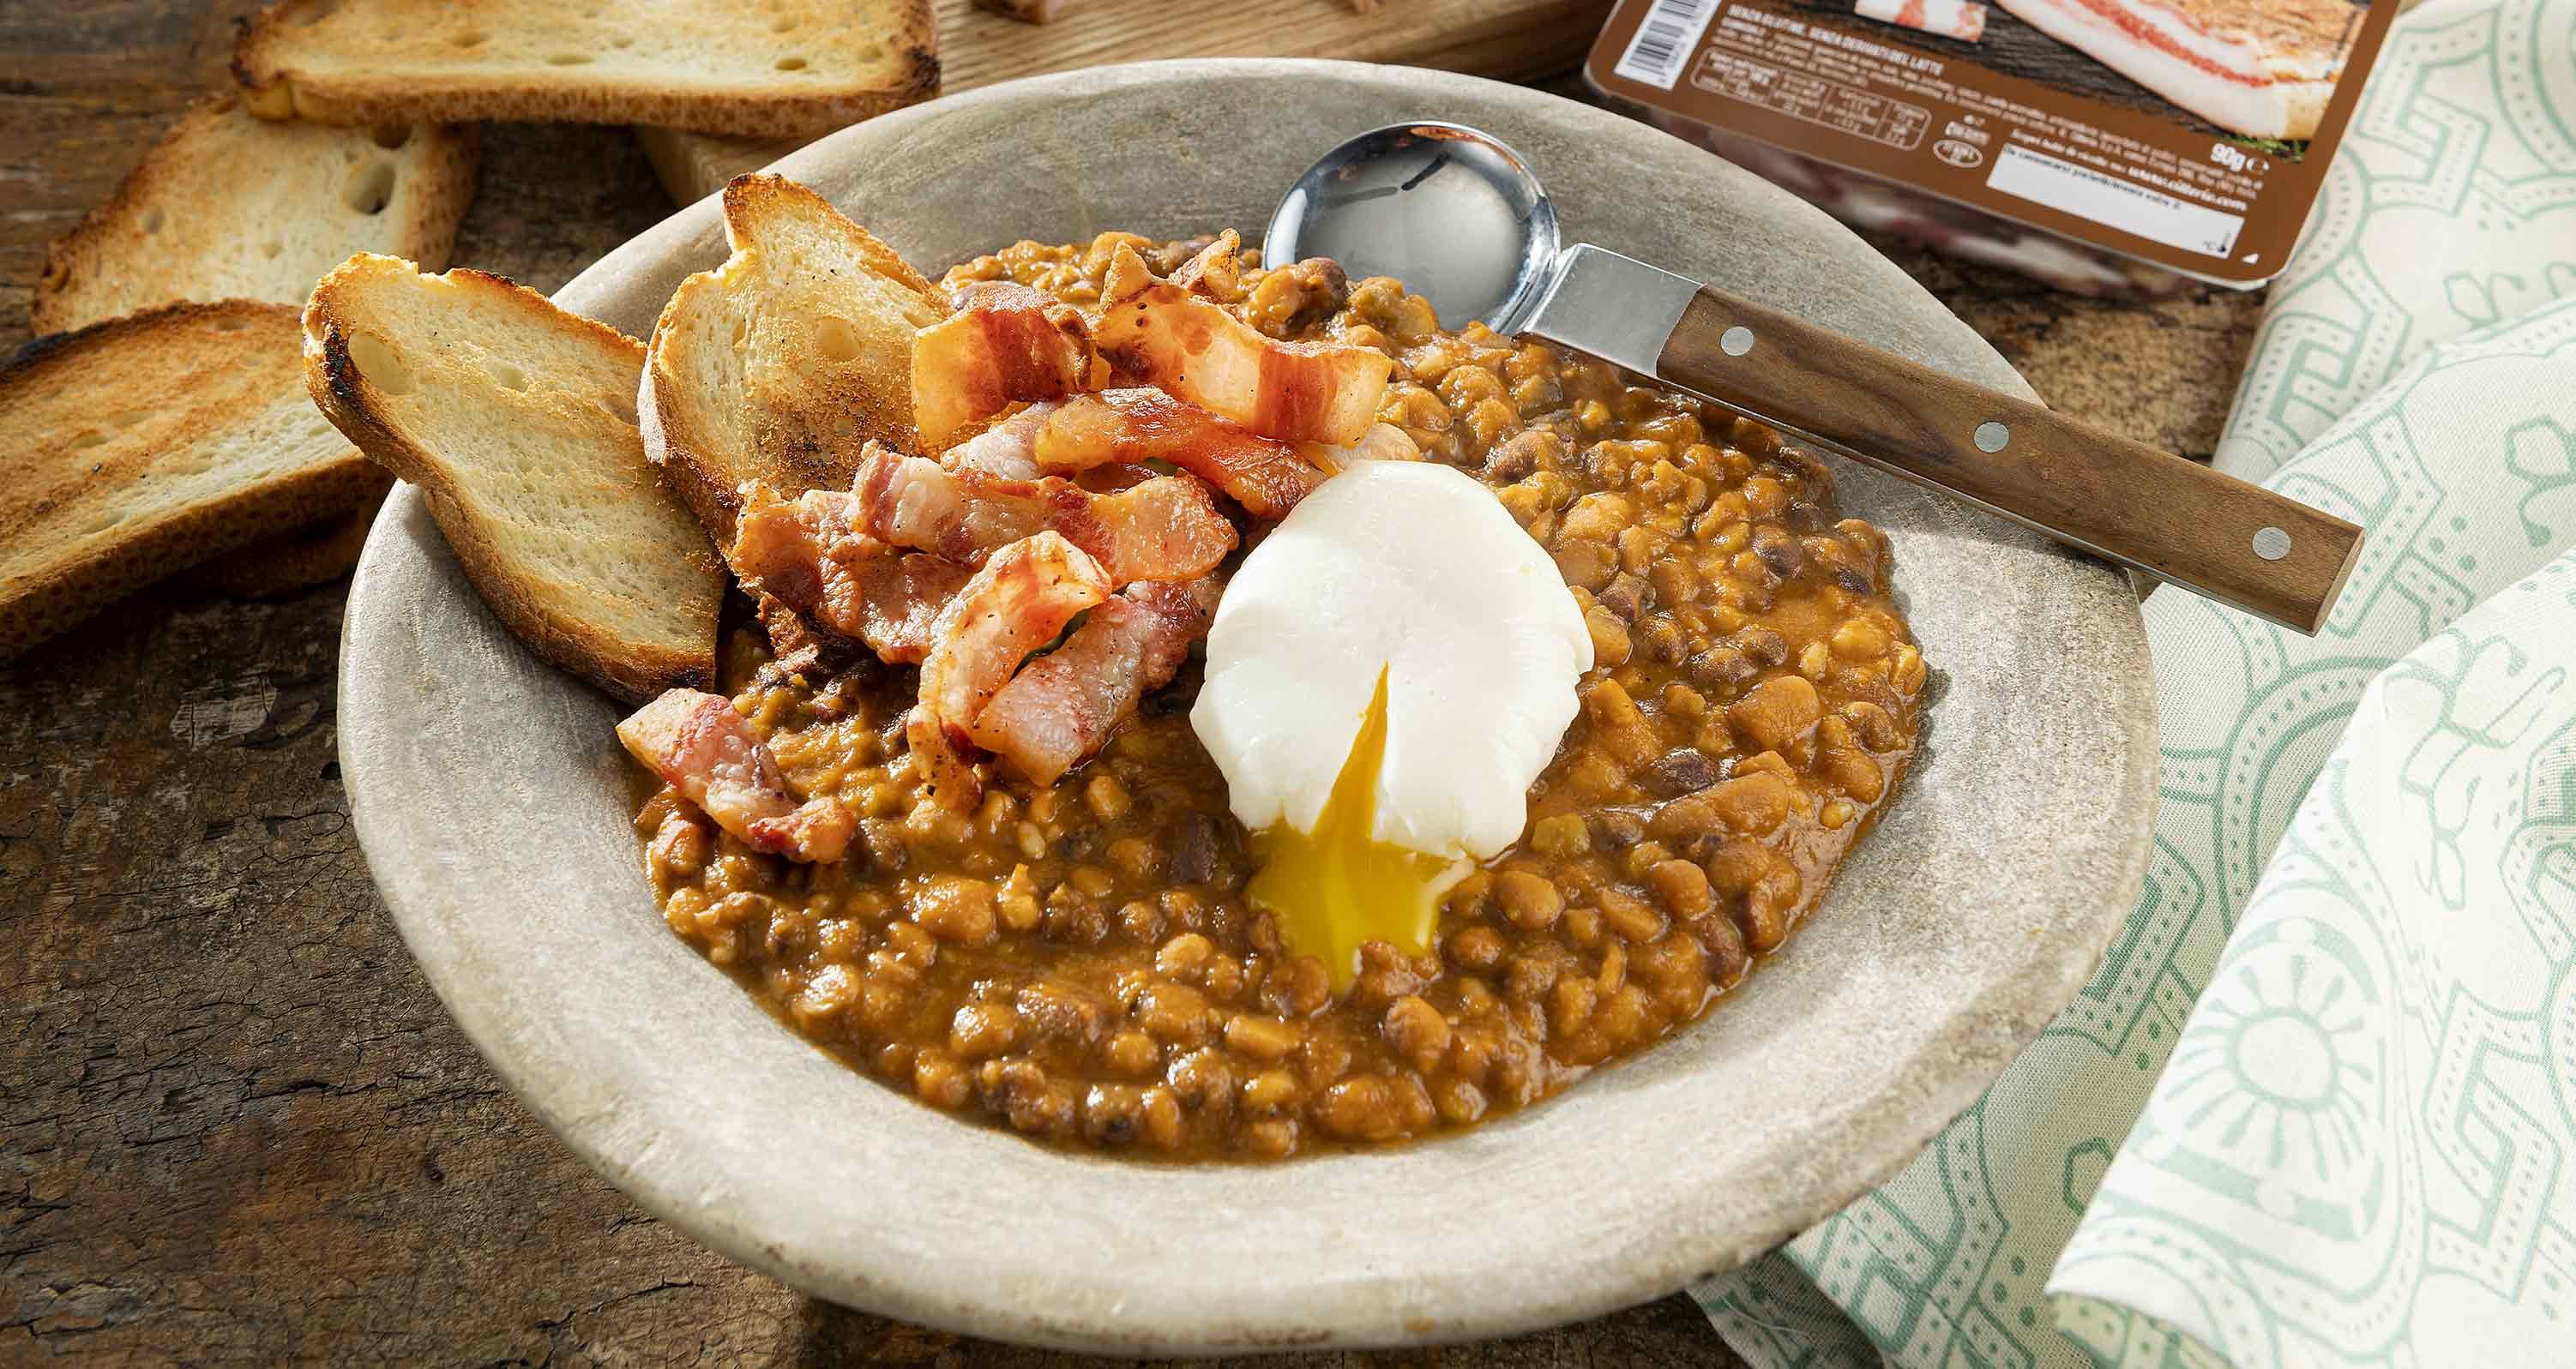 zuppa-di-legumi-uovo-poche-e-guanciale-low.jpg